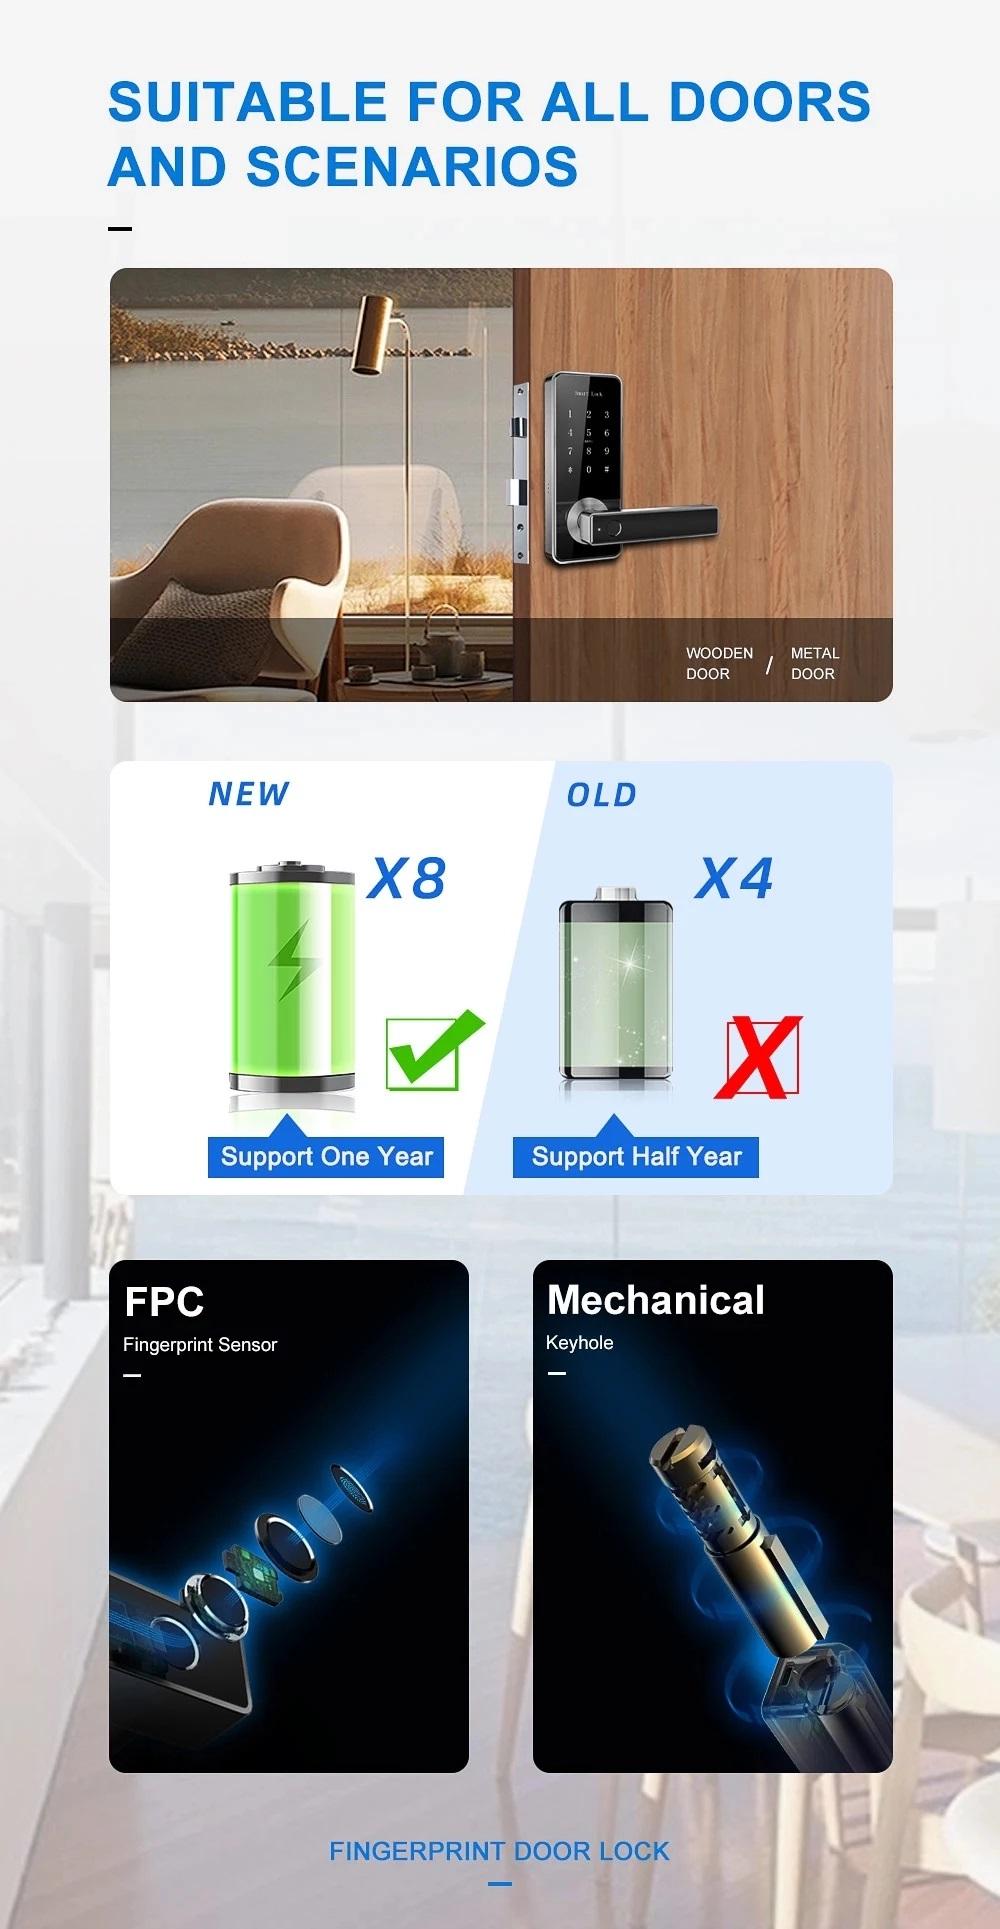 ประตูดิจิตอลล็อค สแกนหน้า สแกนลายนิ้วมือ ควบคุมผ่านสมาร์ทโฟน 6in1 Winmax D801